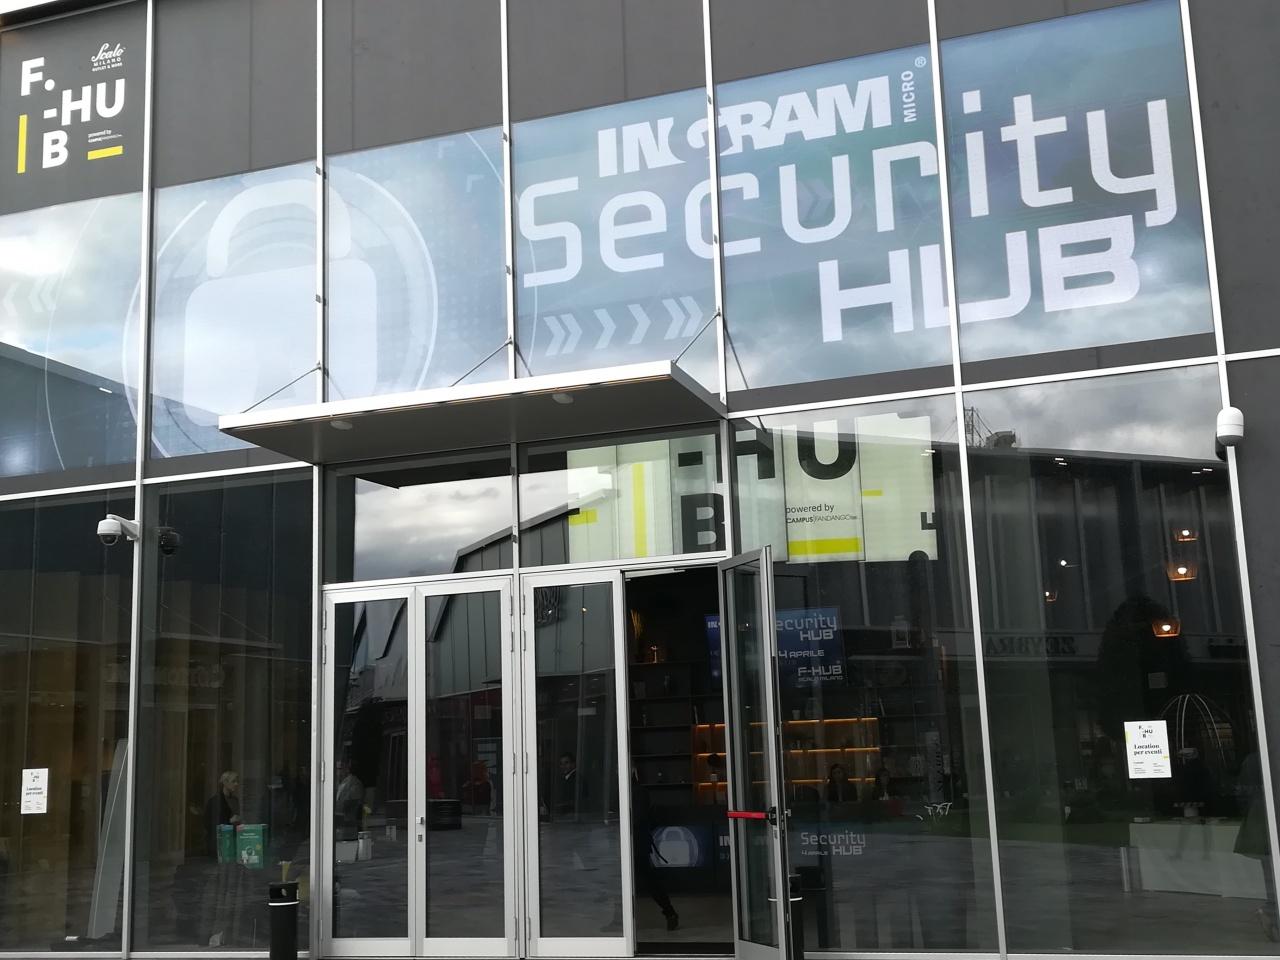 ingram security hub 2